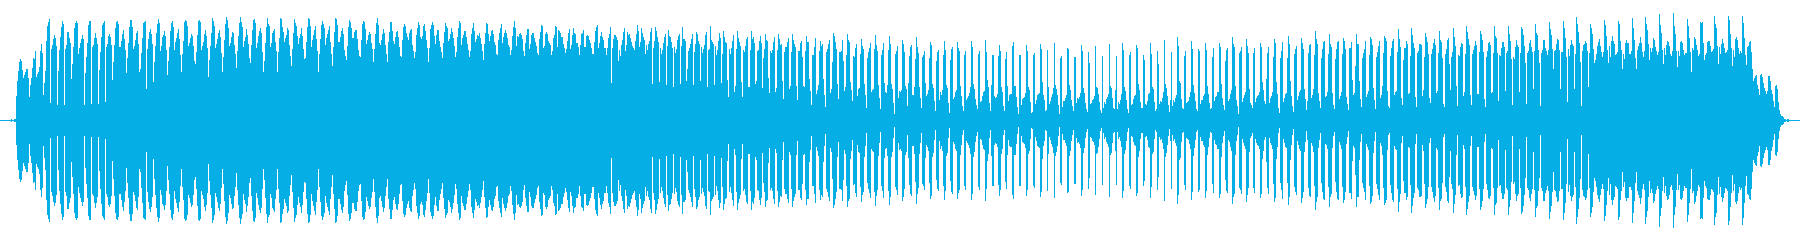 プョォー。クイズ不正解・ブザー音の再生済みの波形